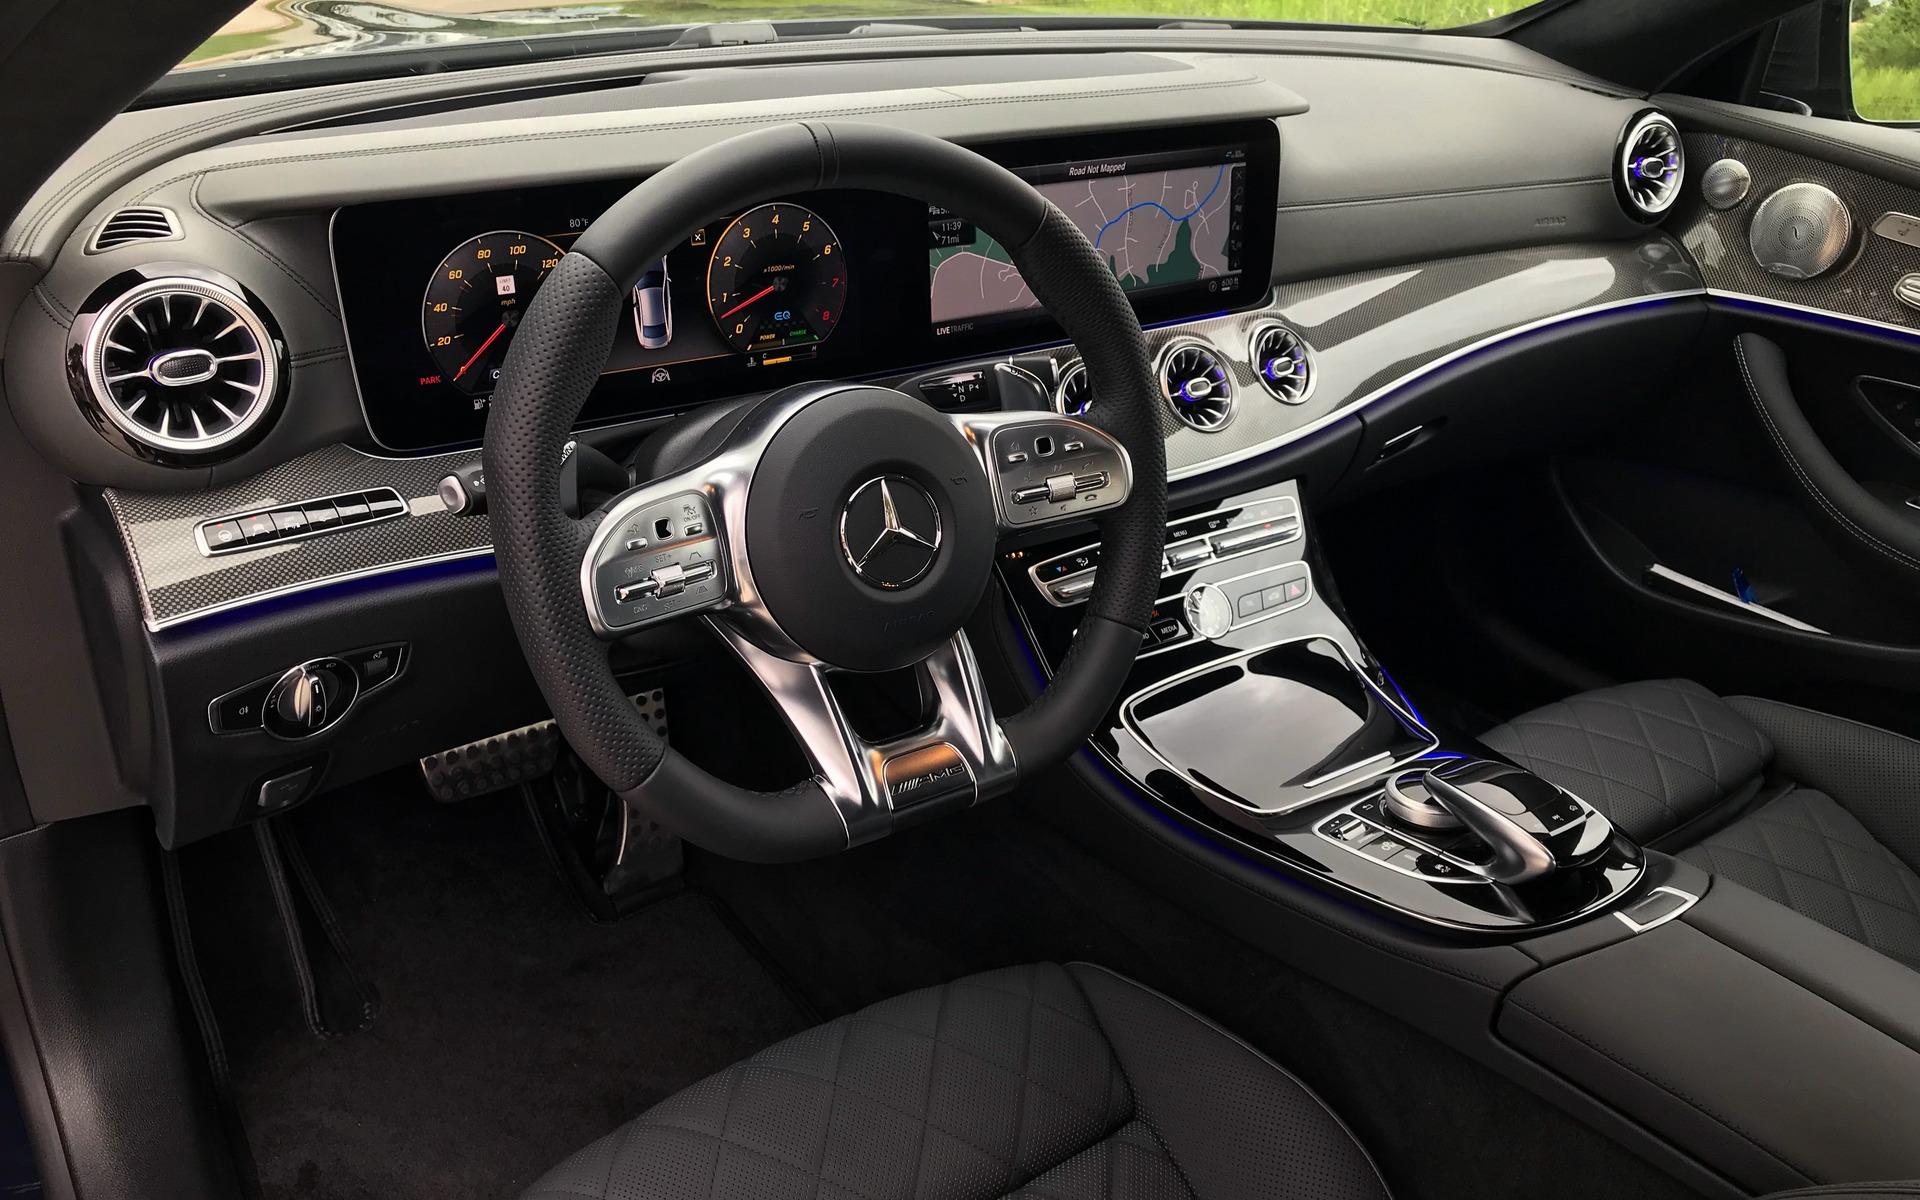 Mercedes-AMG E 53 coupé 2019 : plaisir et surprise 349880_2019_Mercedes-Benz_E-Class